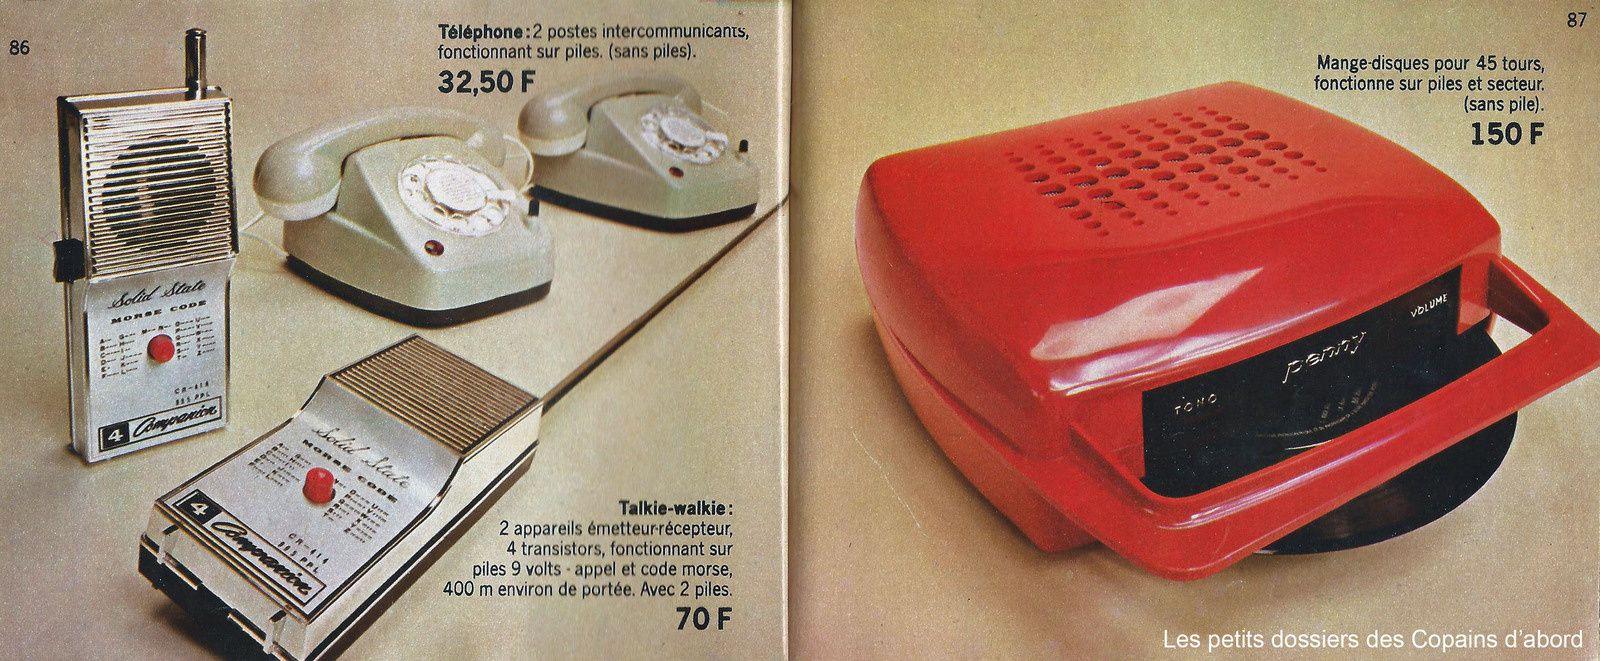 le catalogue de jouets des nouvelles galeries de 1975 par nath didile les petits dossiers des. Black Bedroom Furniture Sets. Home Design Ideas